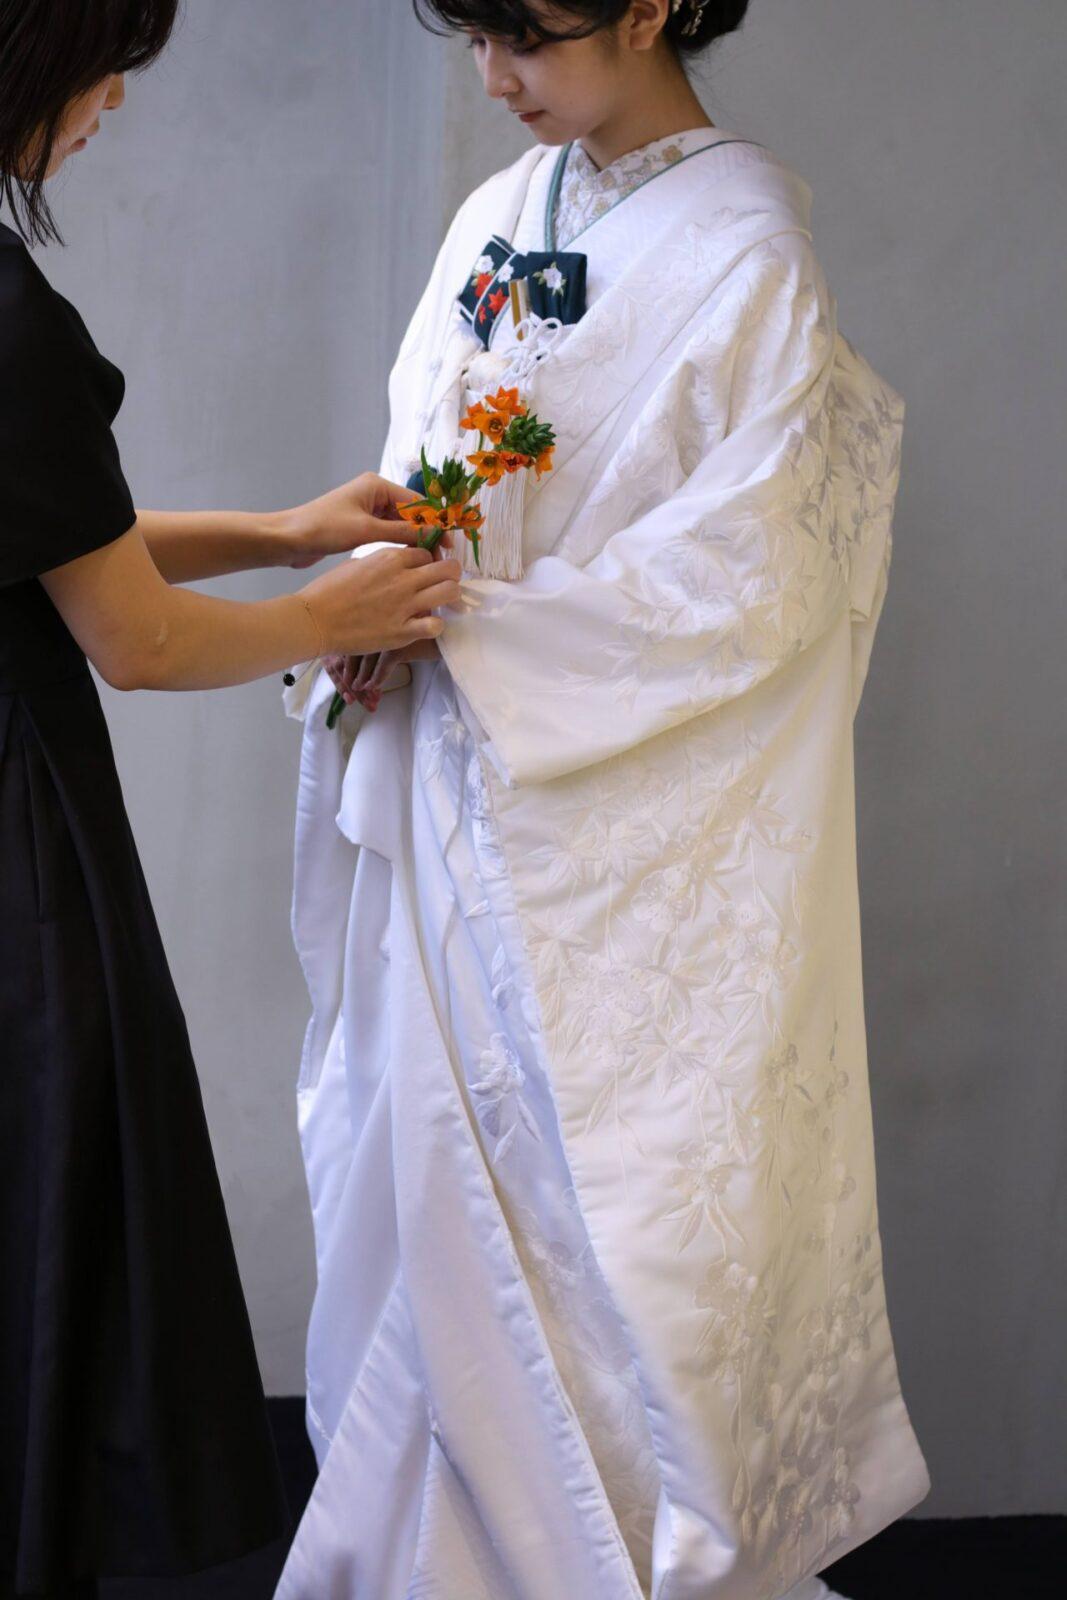 ザトリートドレッシングのコーディネーターが和装のトータルコーディネートを結婚式のテーマに合わせてご提案いたします。